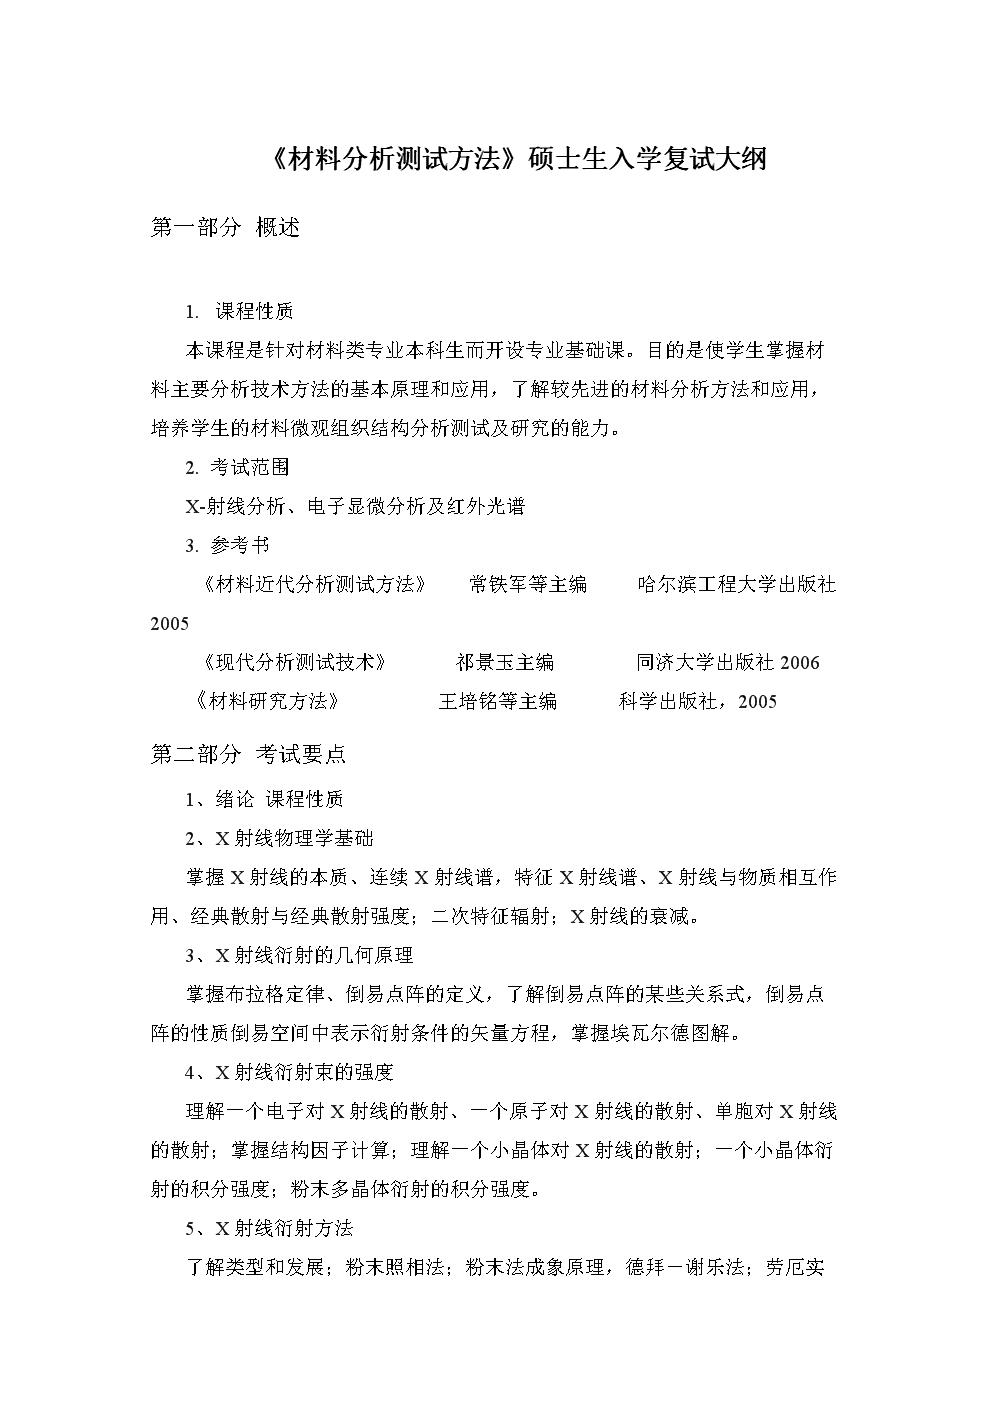 《材料分析测试方法》硕士生入学复试大纲.doc